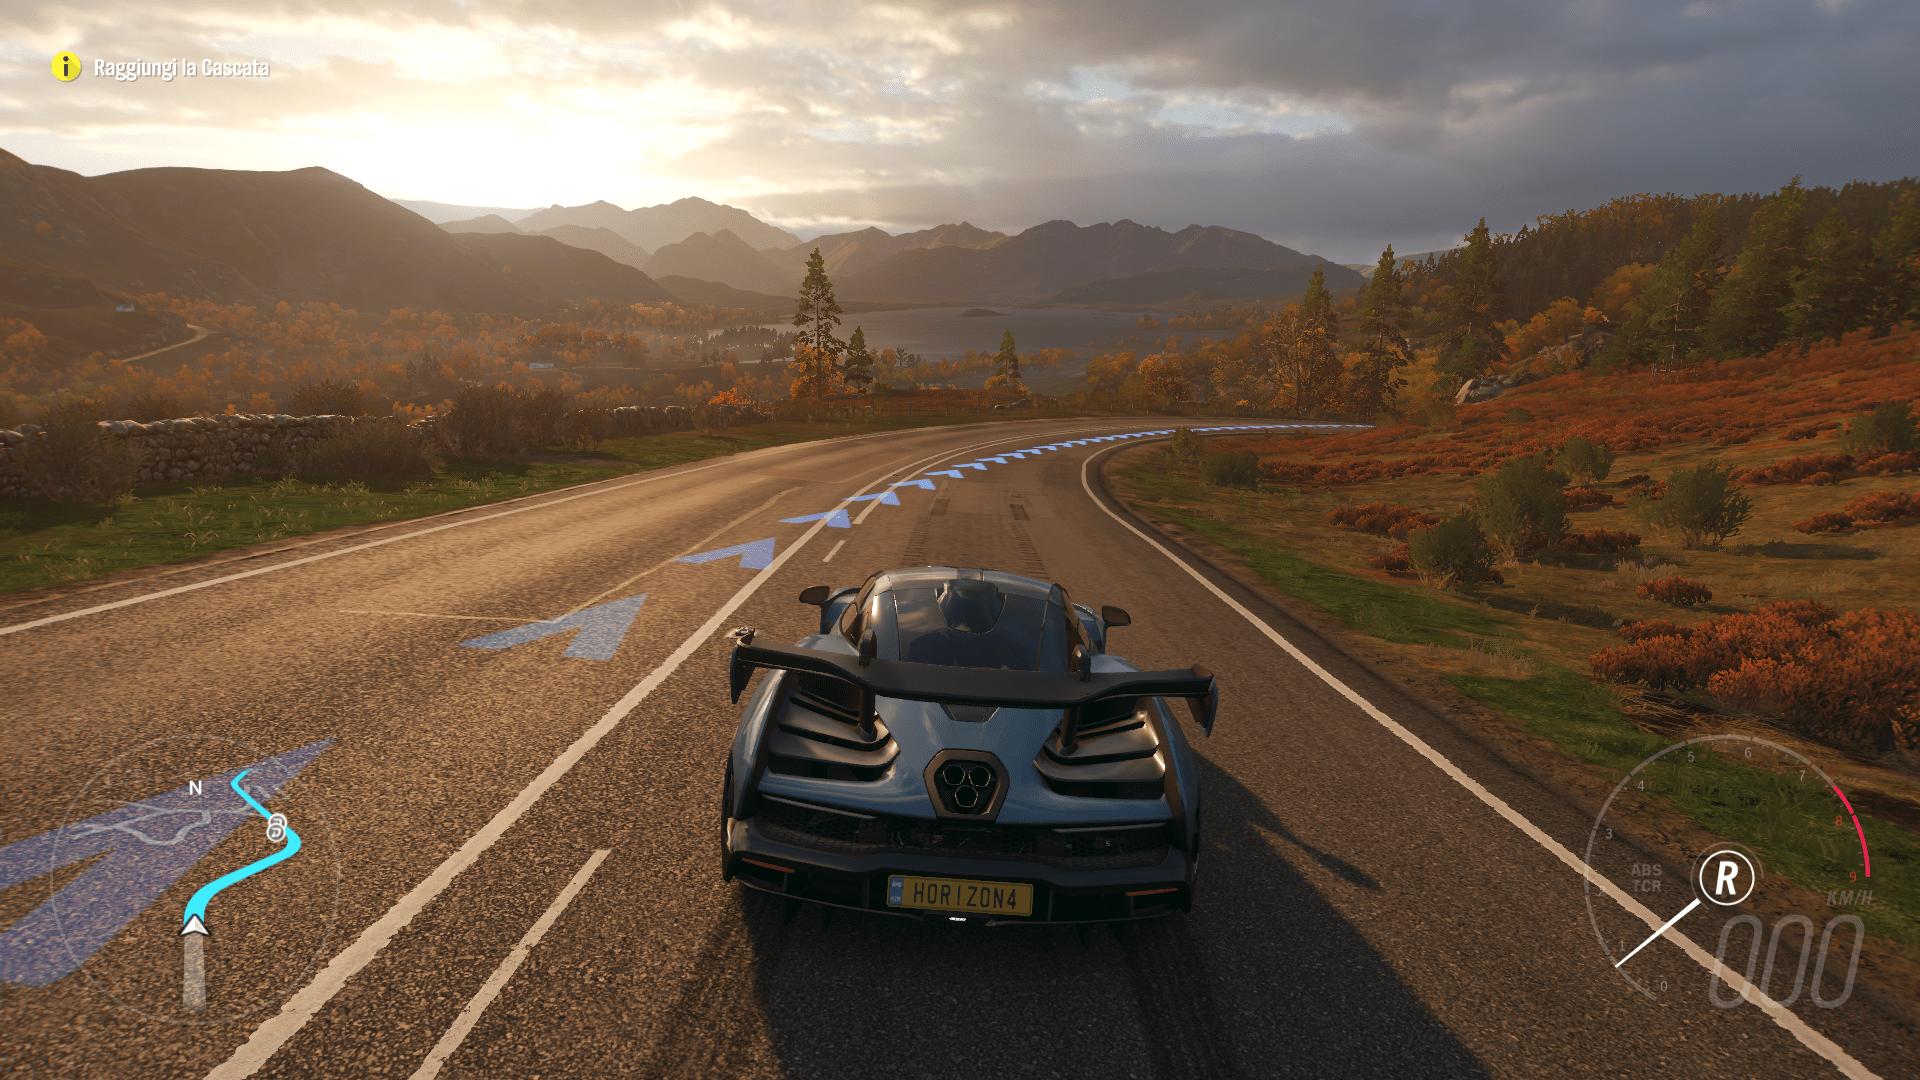 medio - Forza Horizon 4 - Recensione come gira su PC